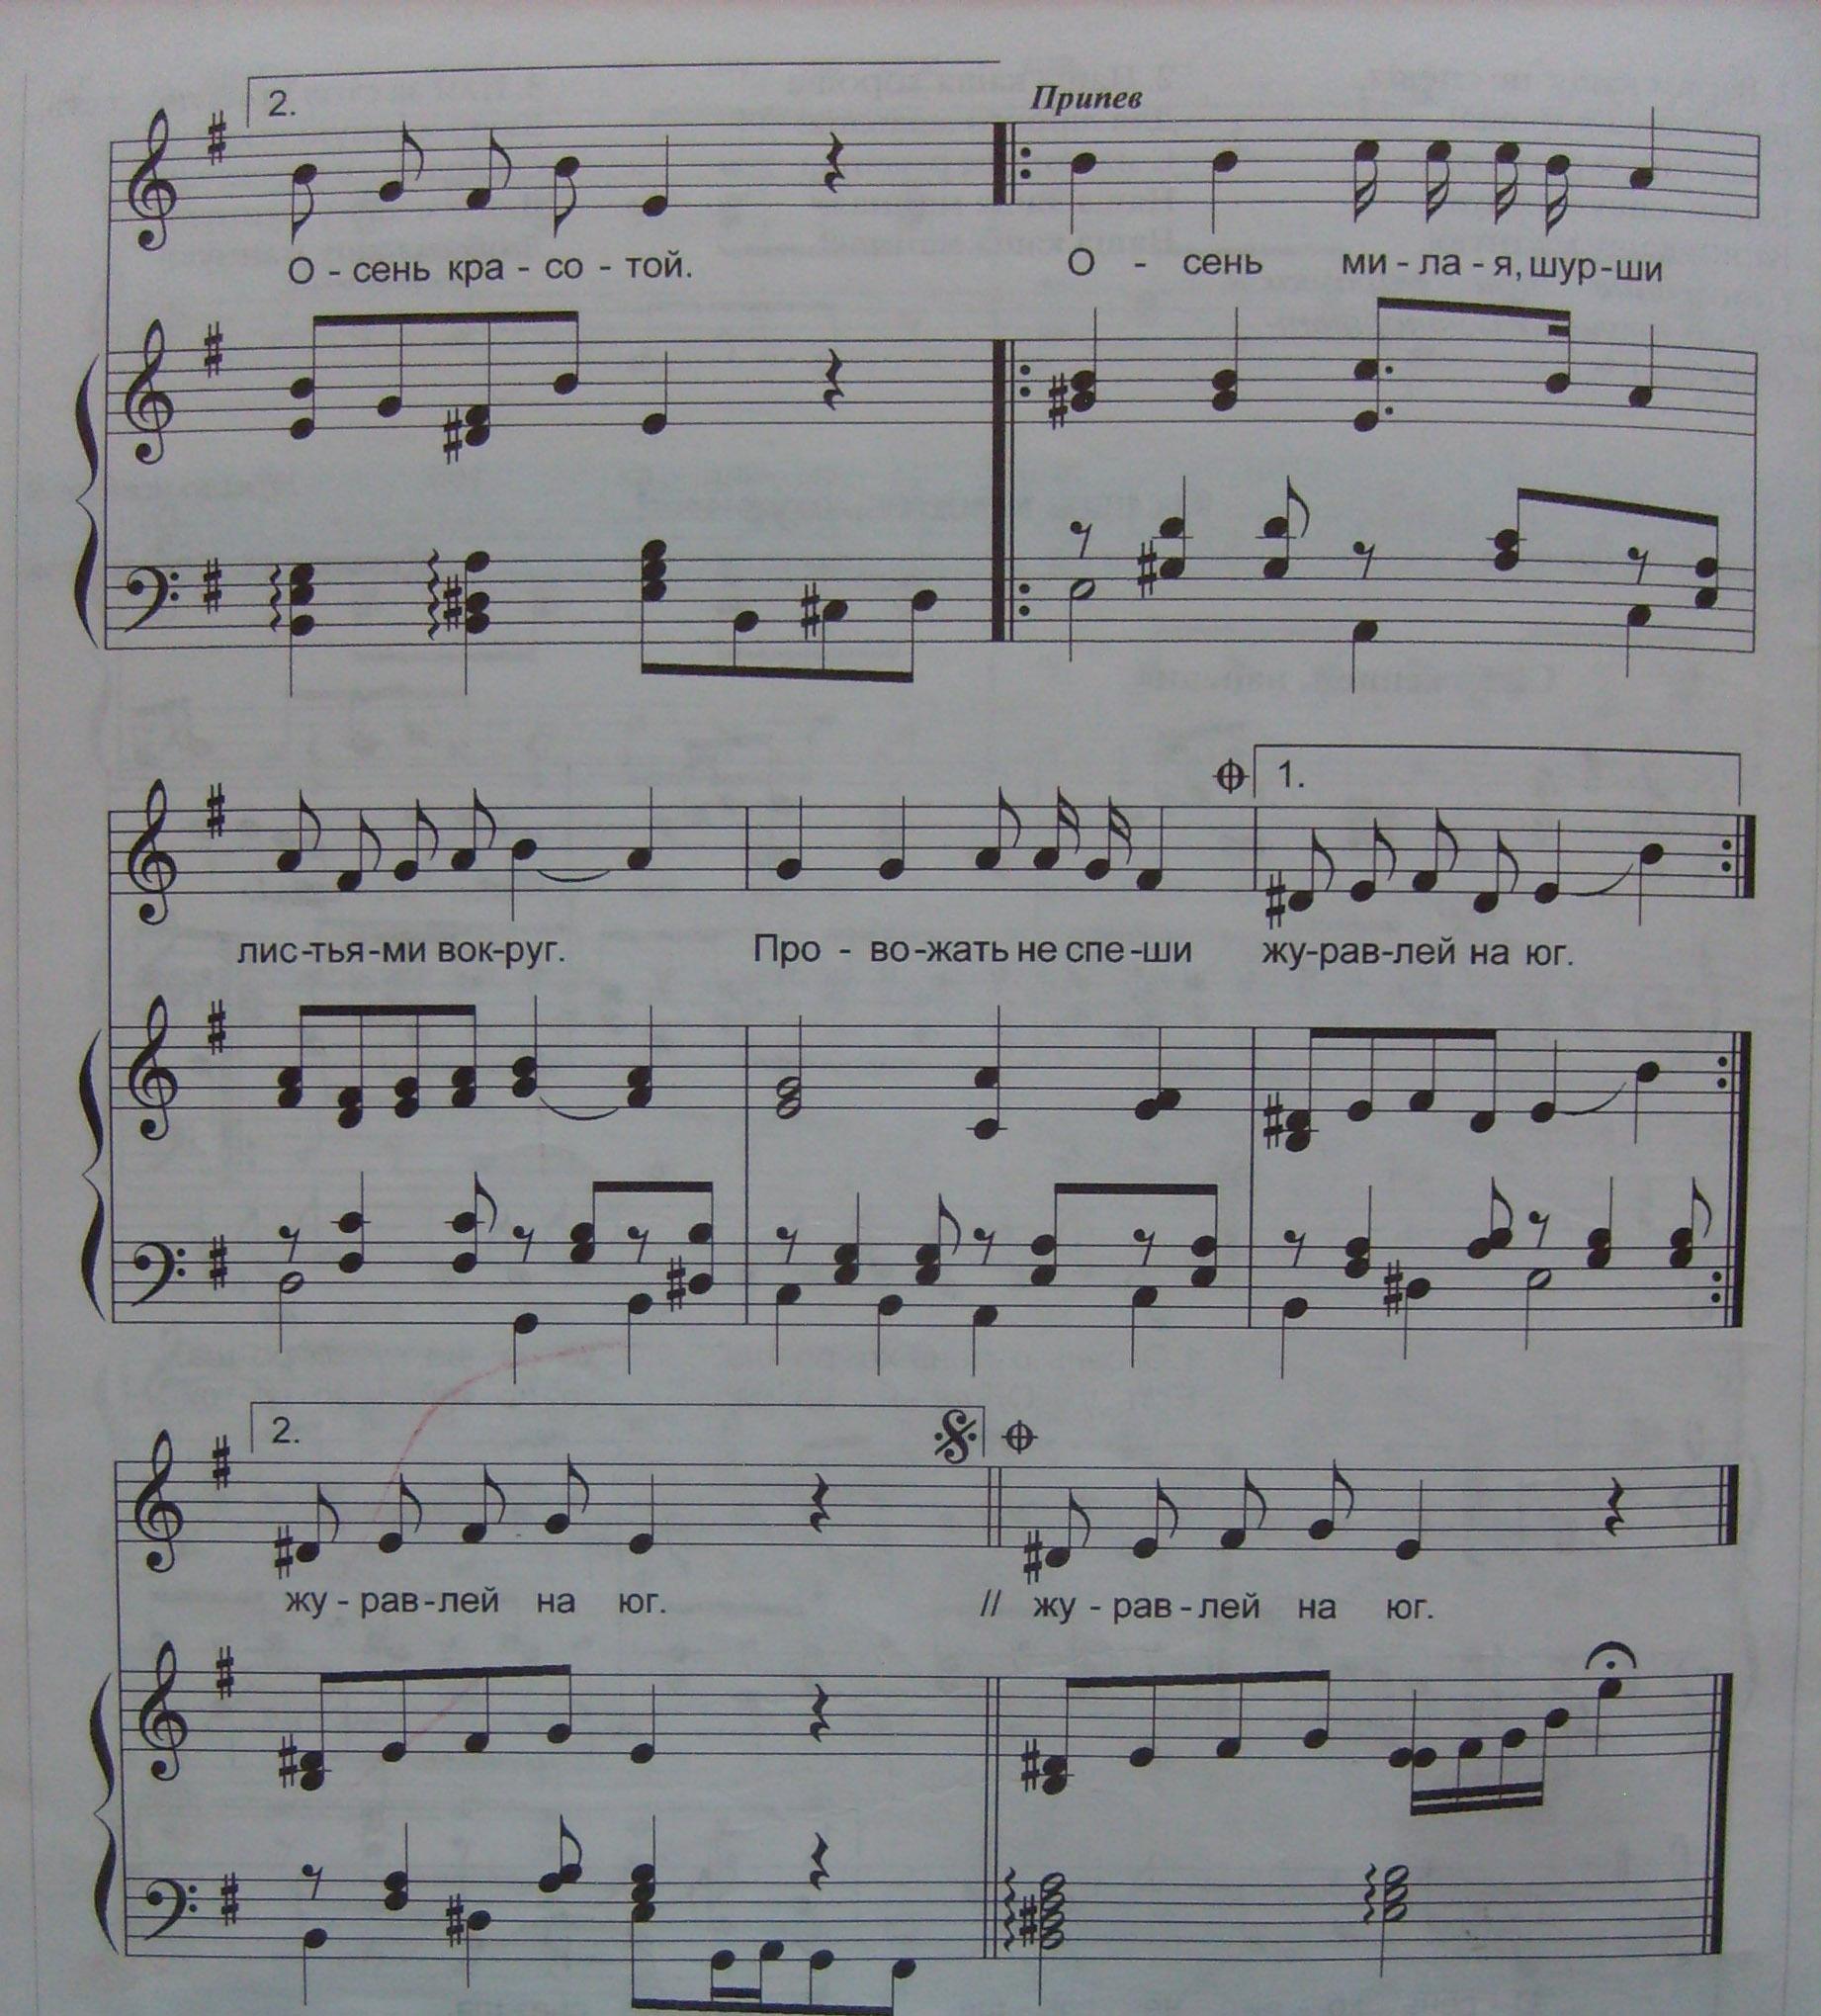 МИНУС ПЕСНИ ОСЕНЬ МИЛАЯ ШУРШИ СКАЧАТЬ БЕСПЛАТНО